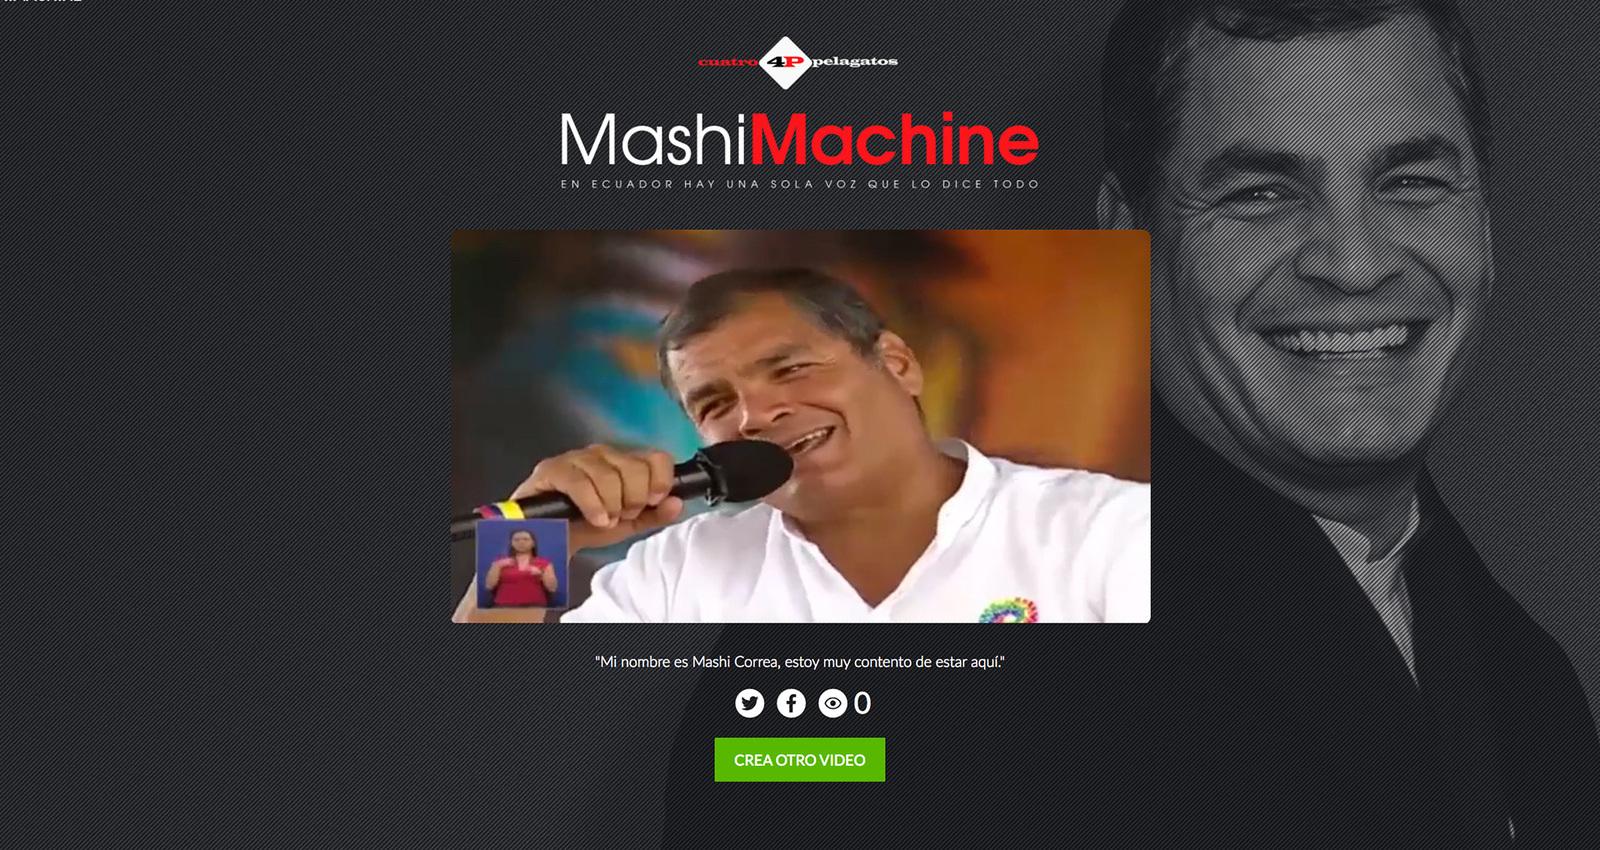 MashiMachine